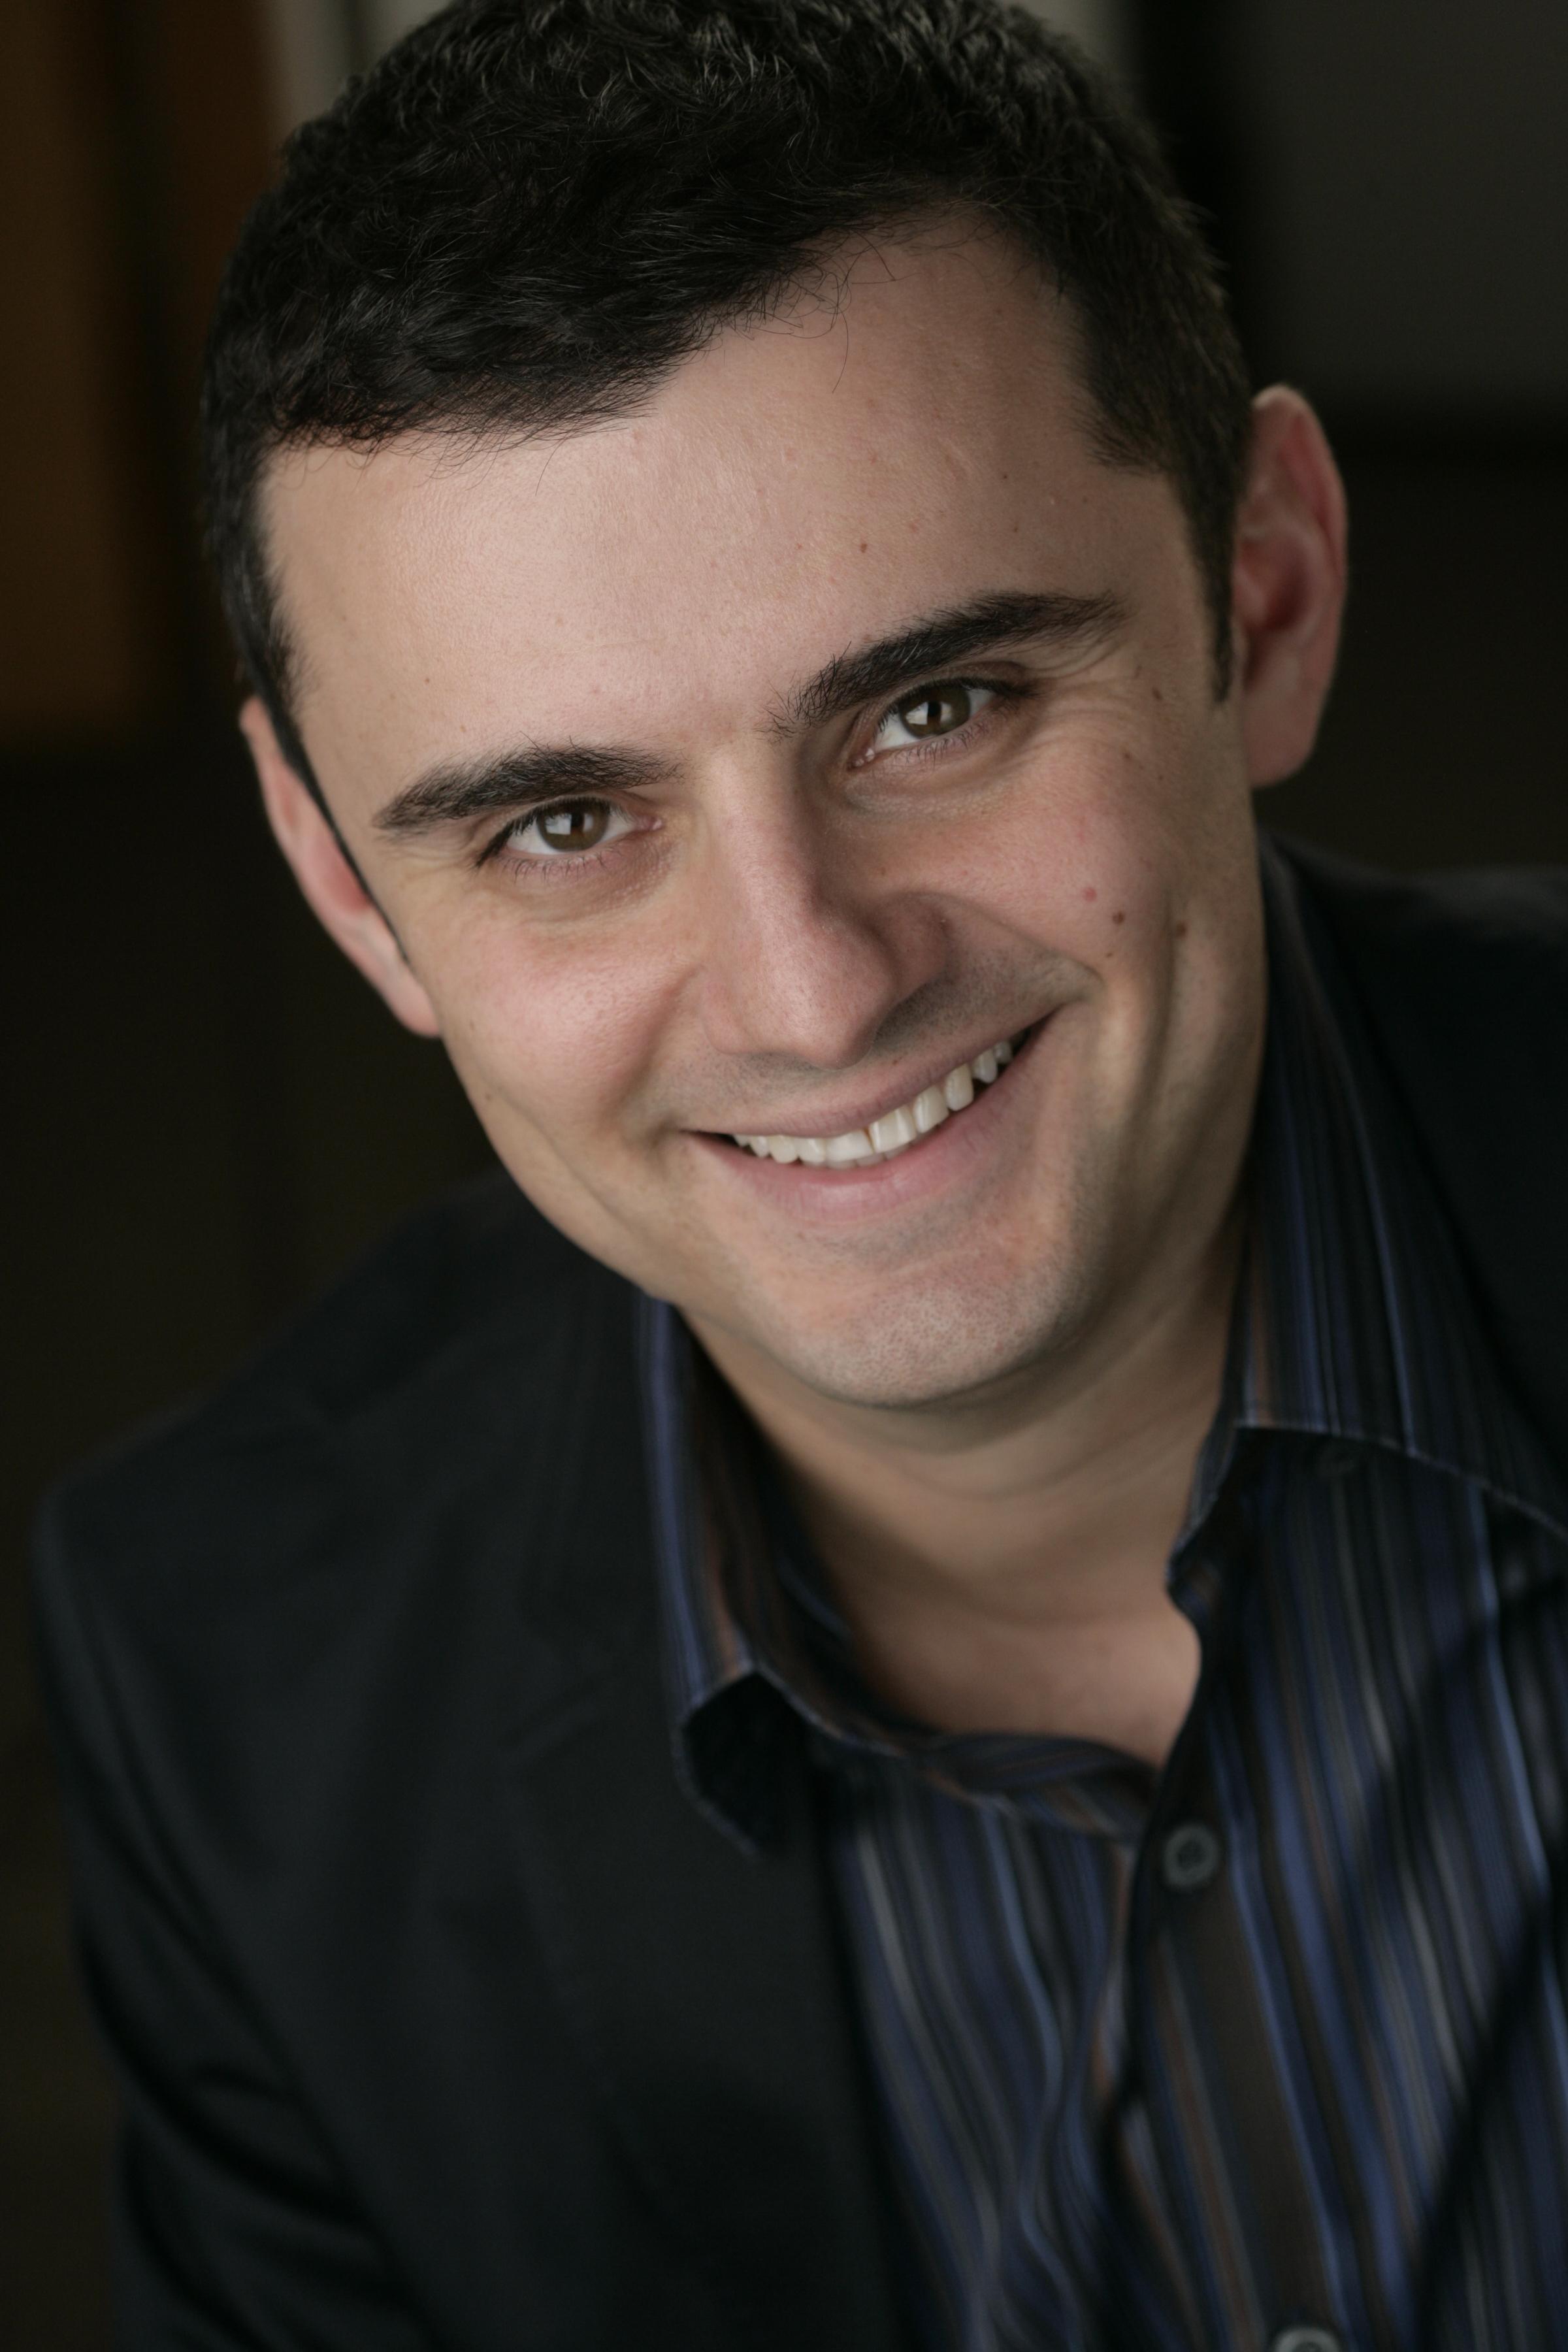 Gary Vaynerchuk, co-founder and CEO of VaynerMedia